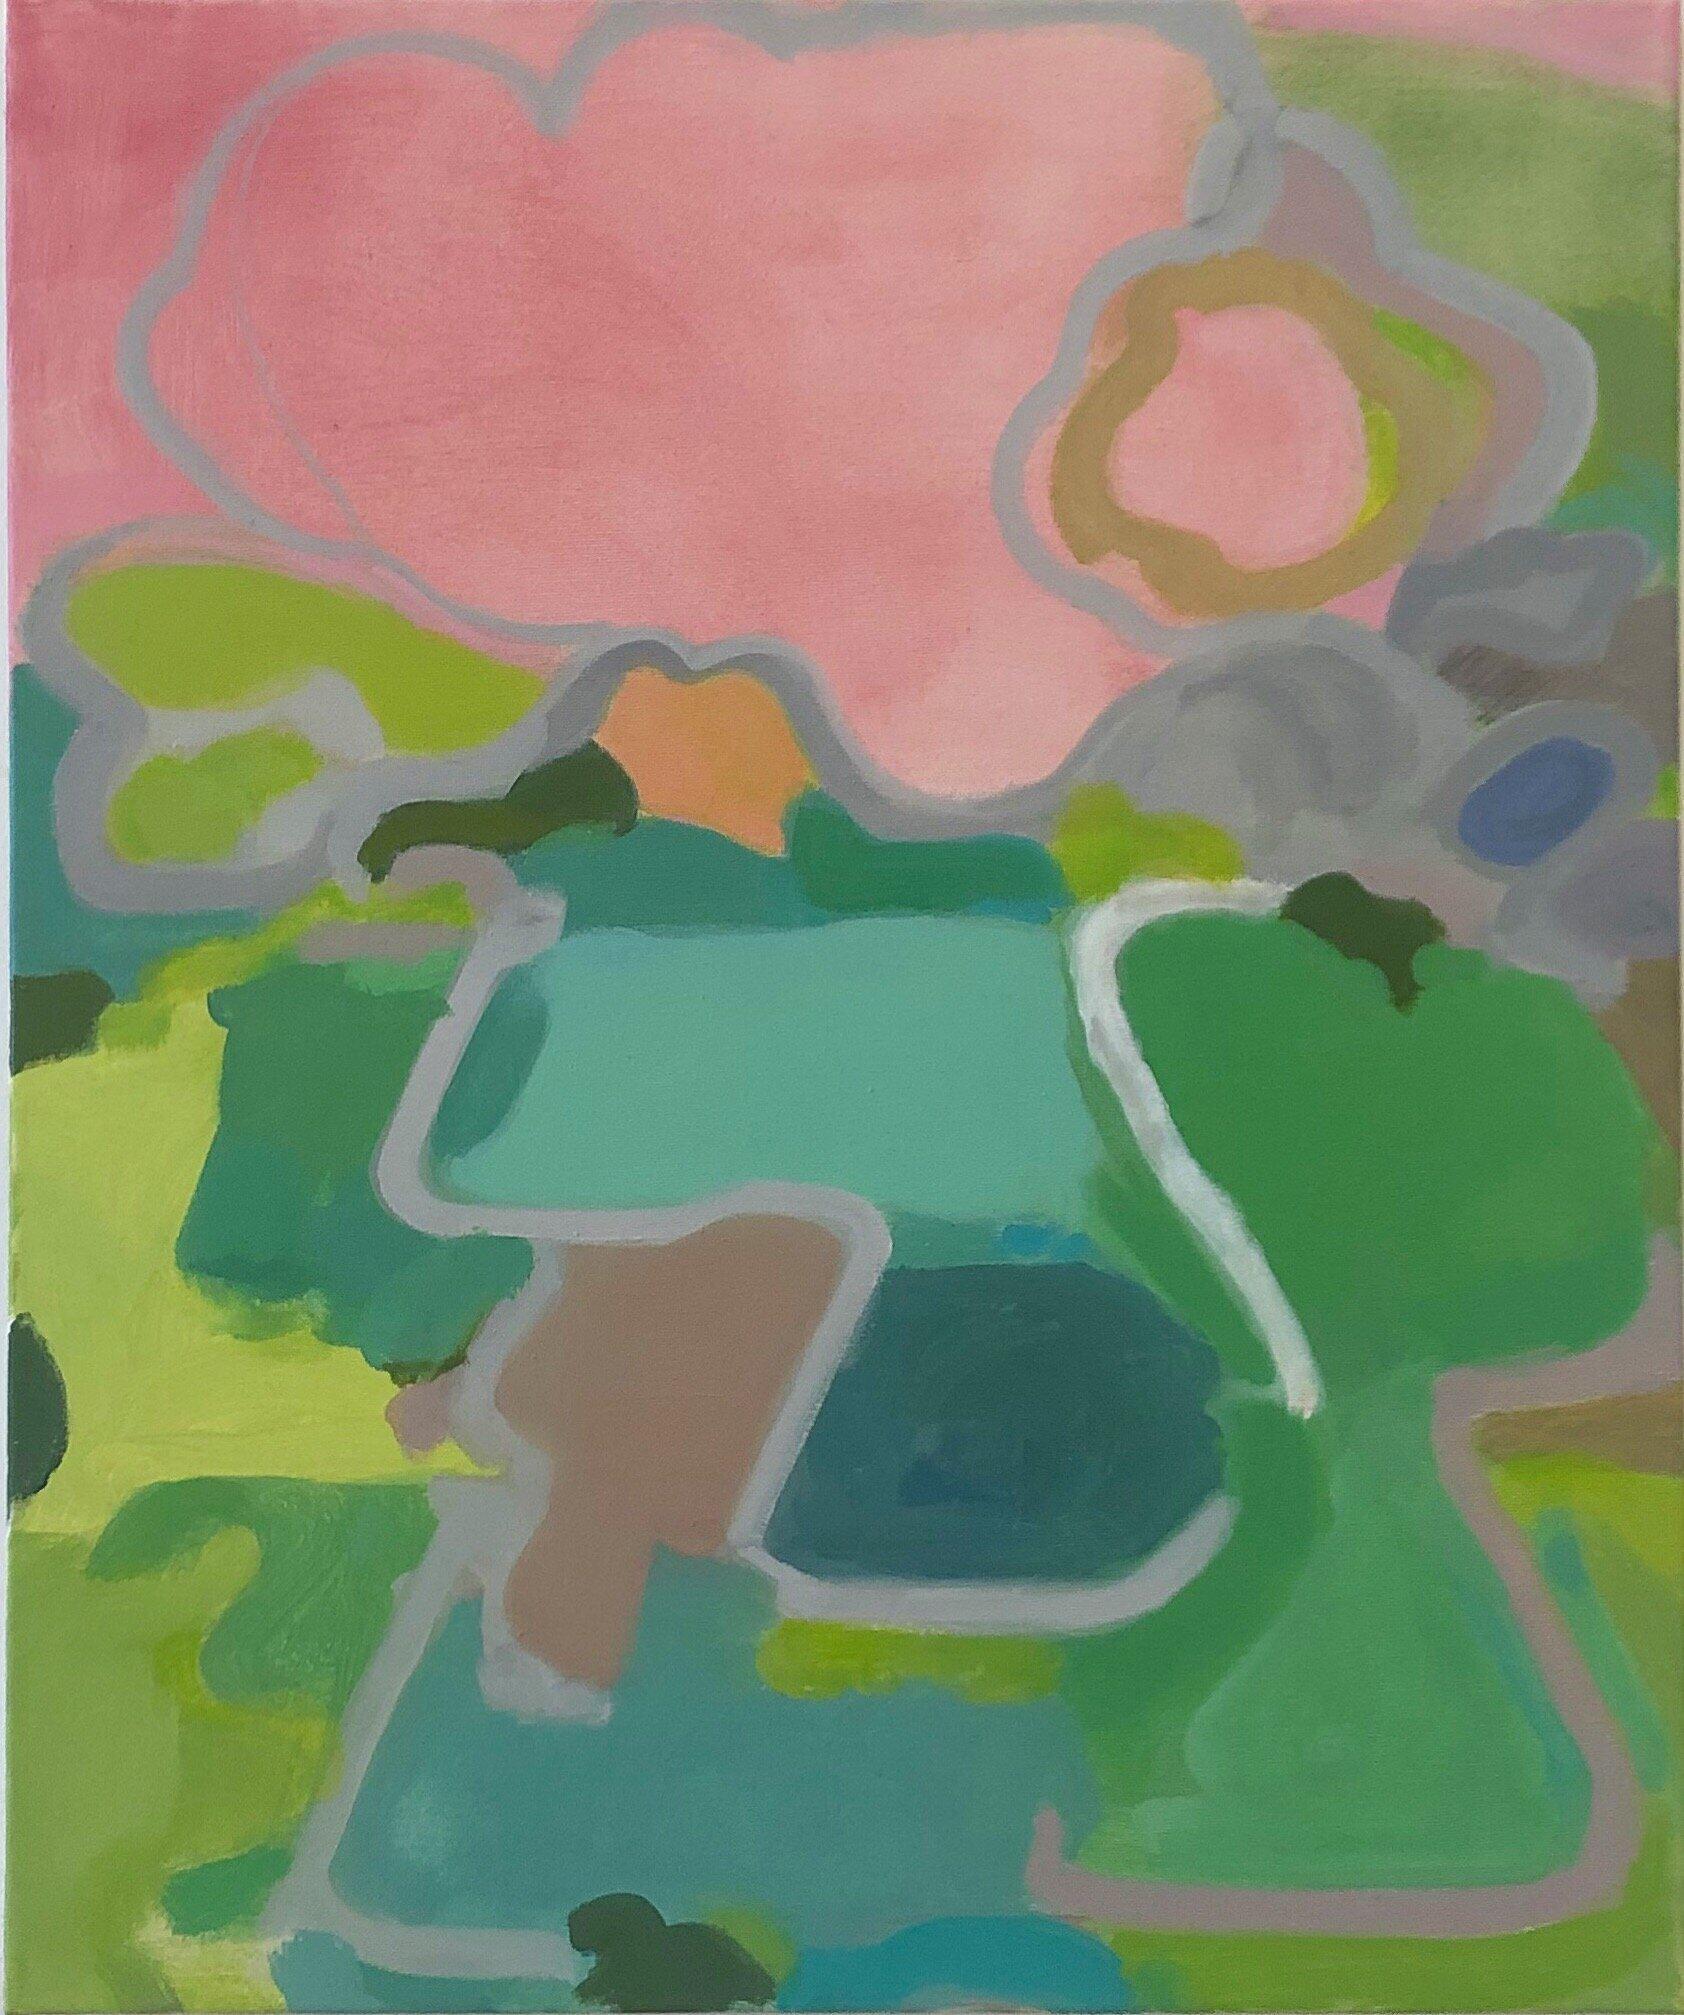 """Elizabeth Hazan, Field #81, 2019, oil on canvas, 24"""" x 20"""""""